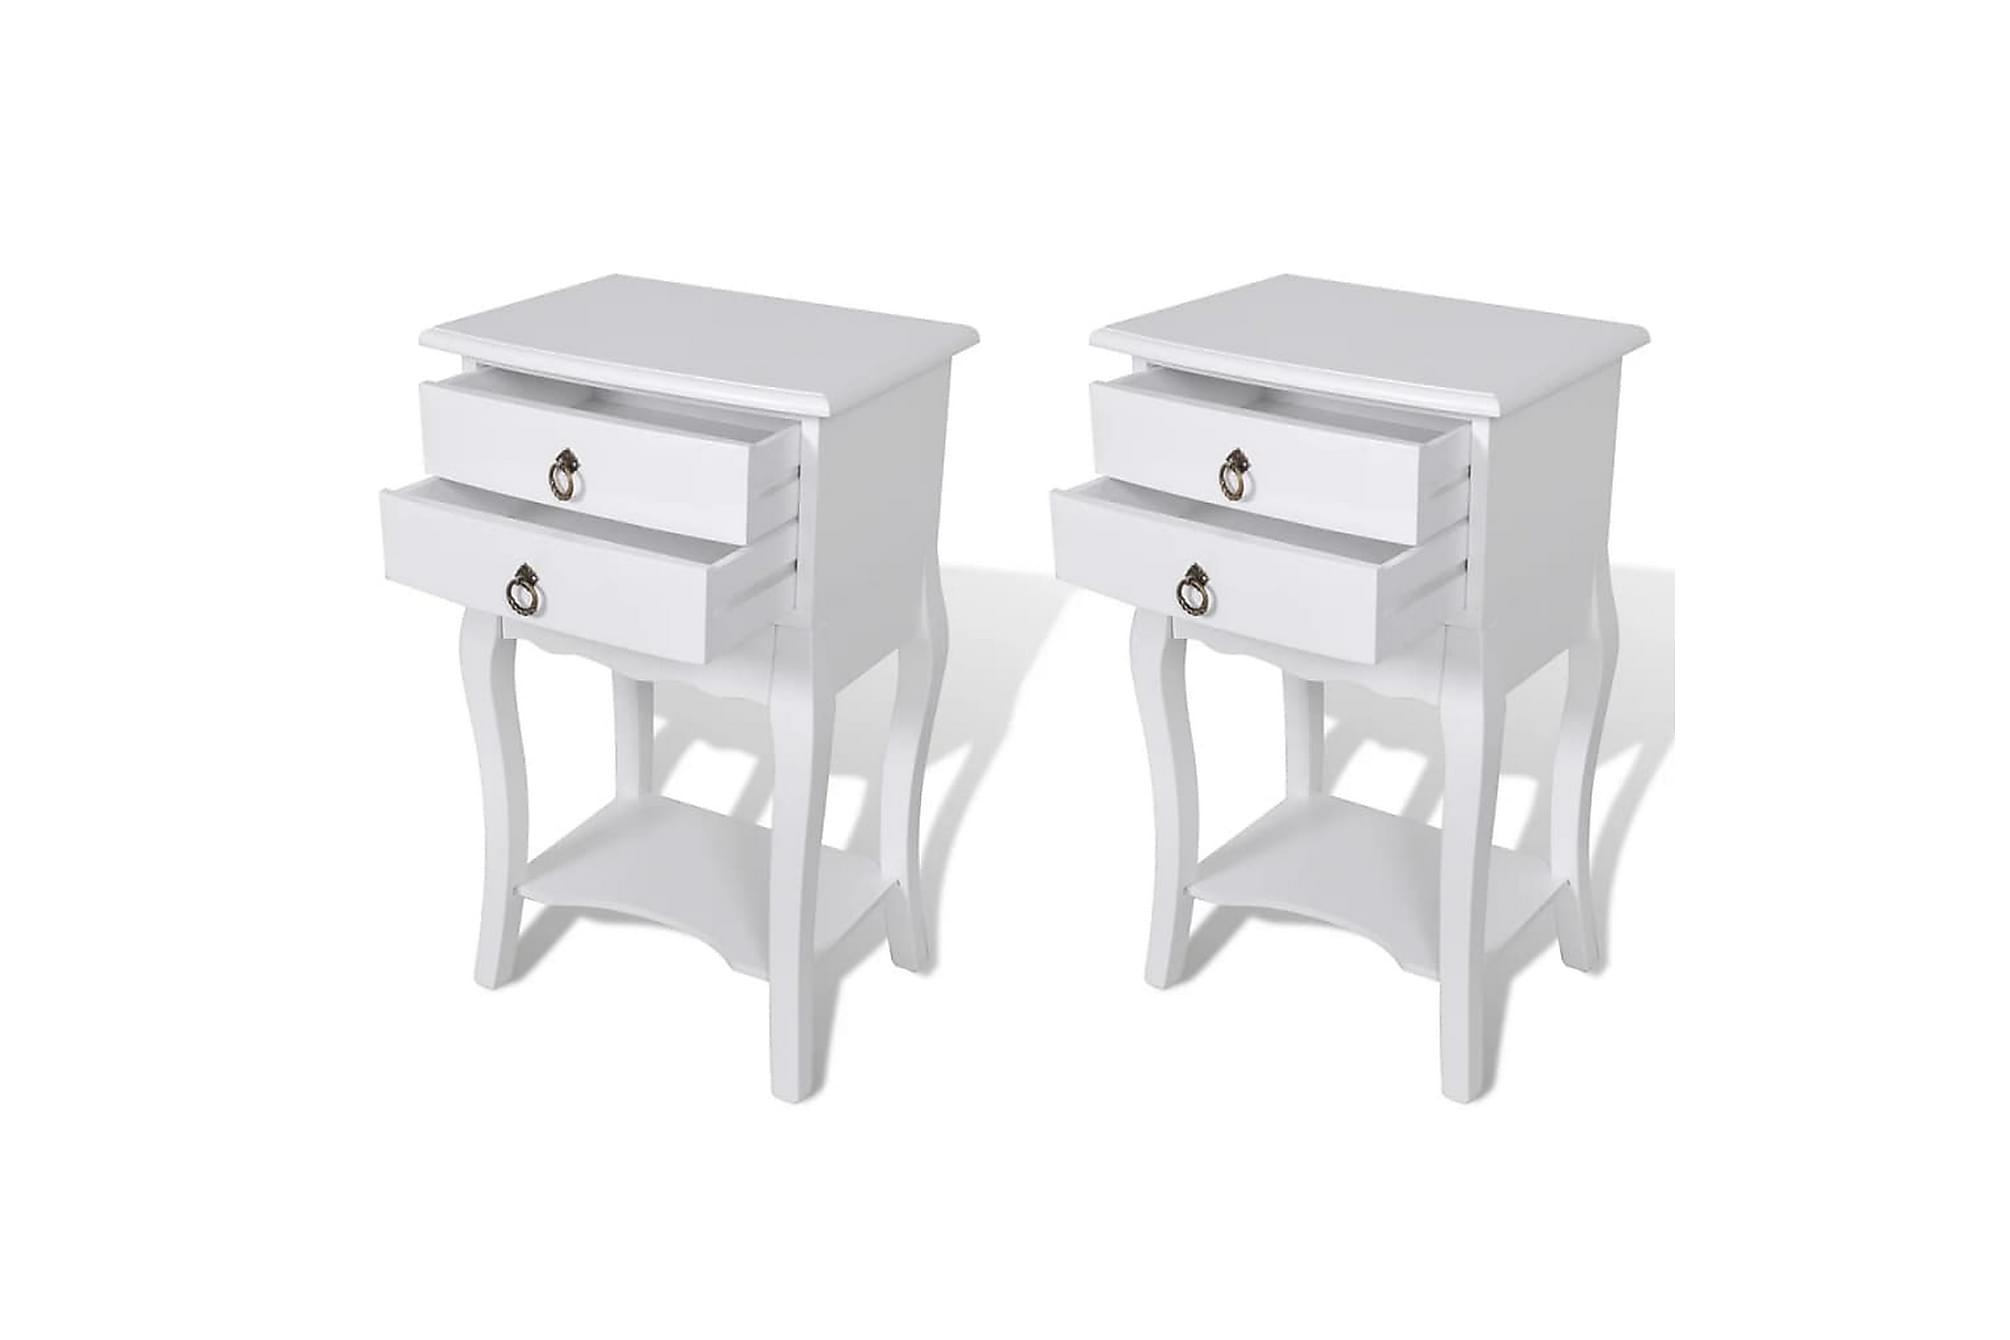 Sängbord m. lådor 2 st vit